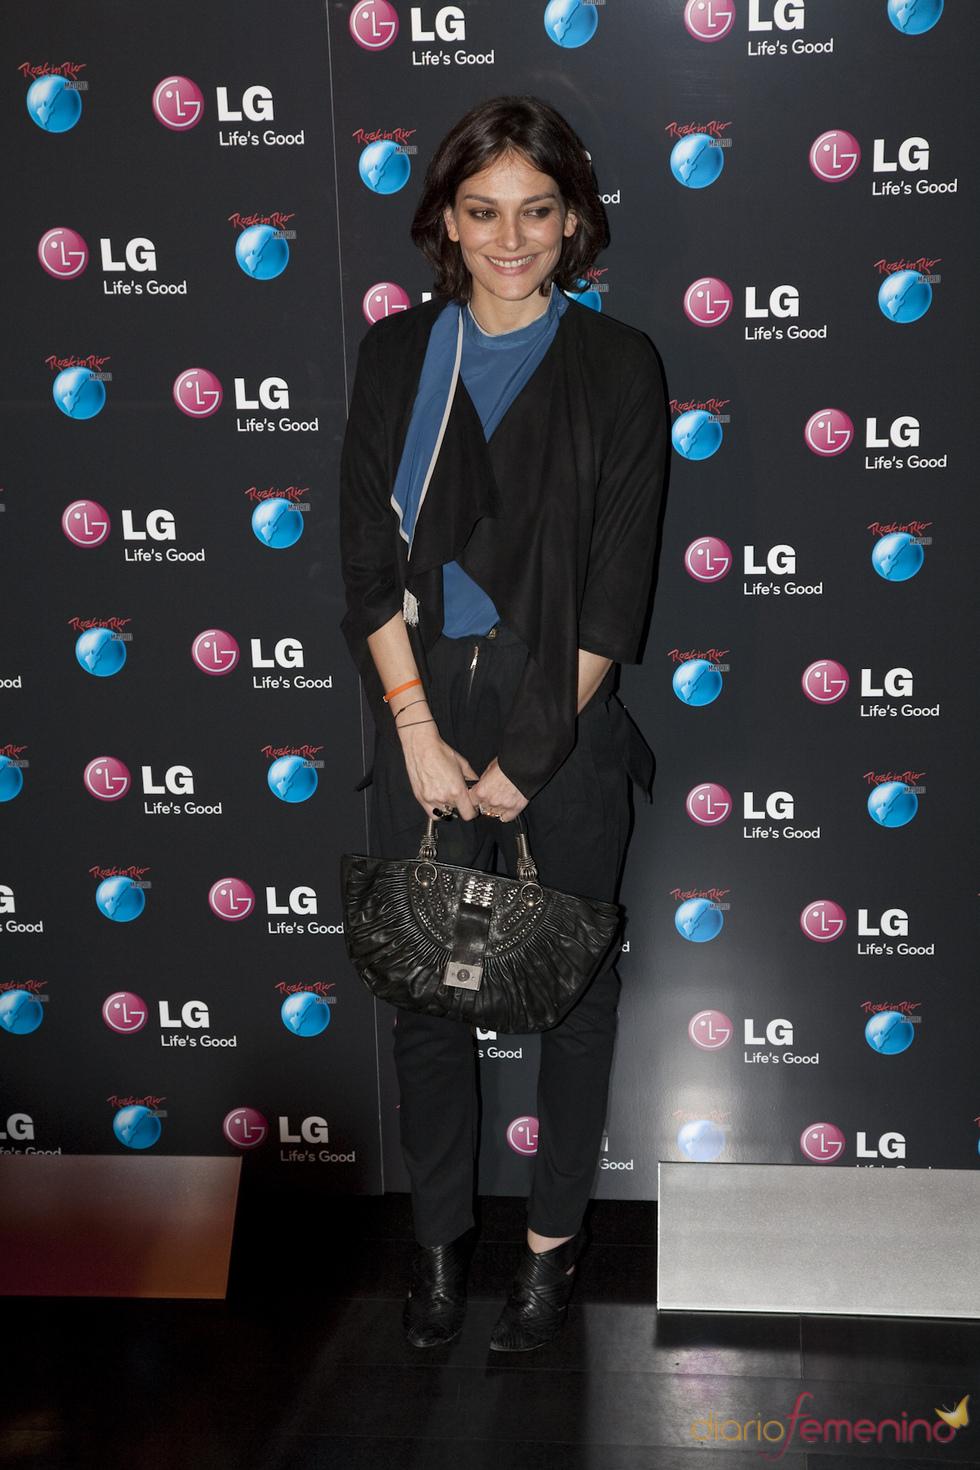 Laura Ponte en la presentación de LG como patrocinador de Rock in Rio Madrid 2010